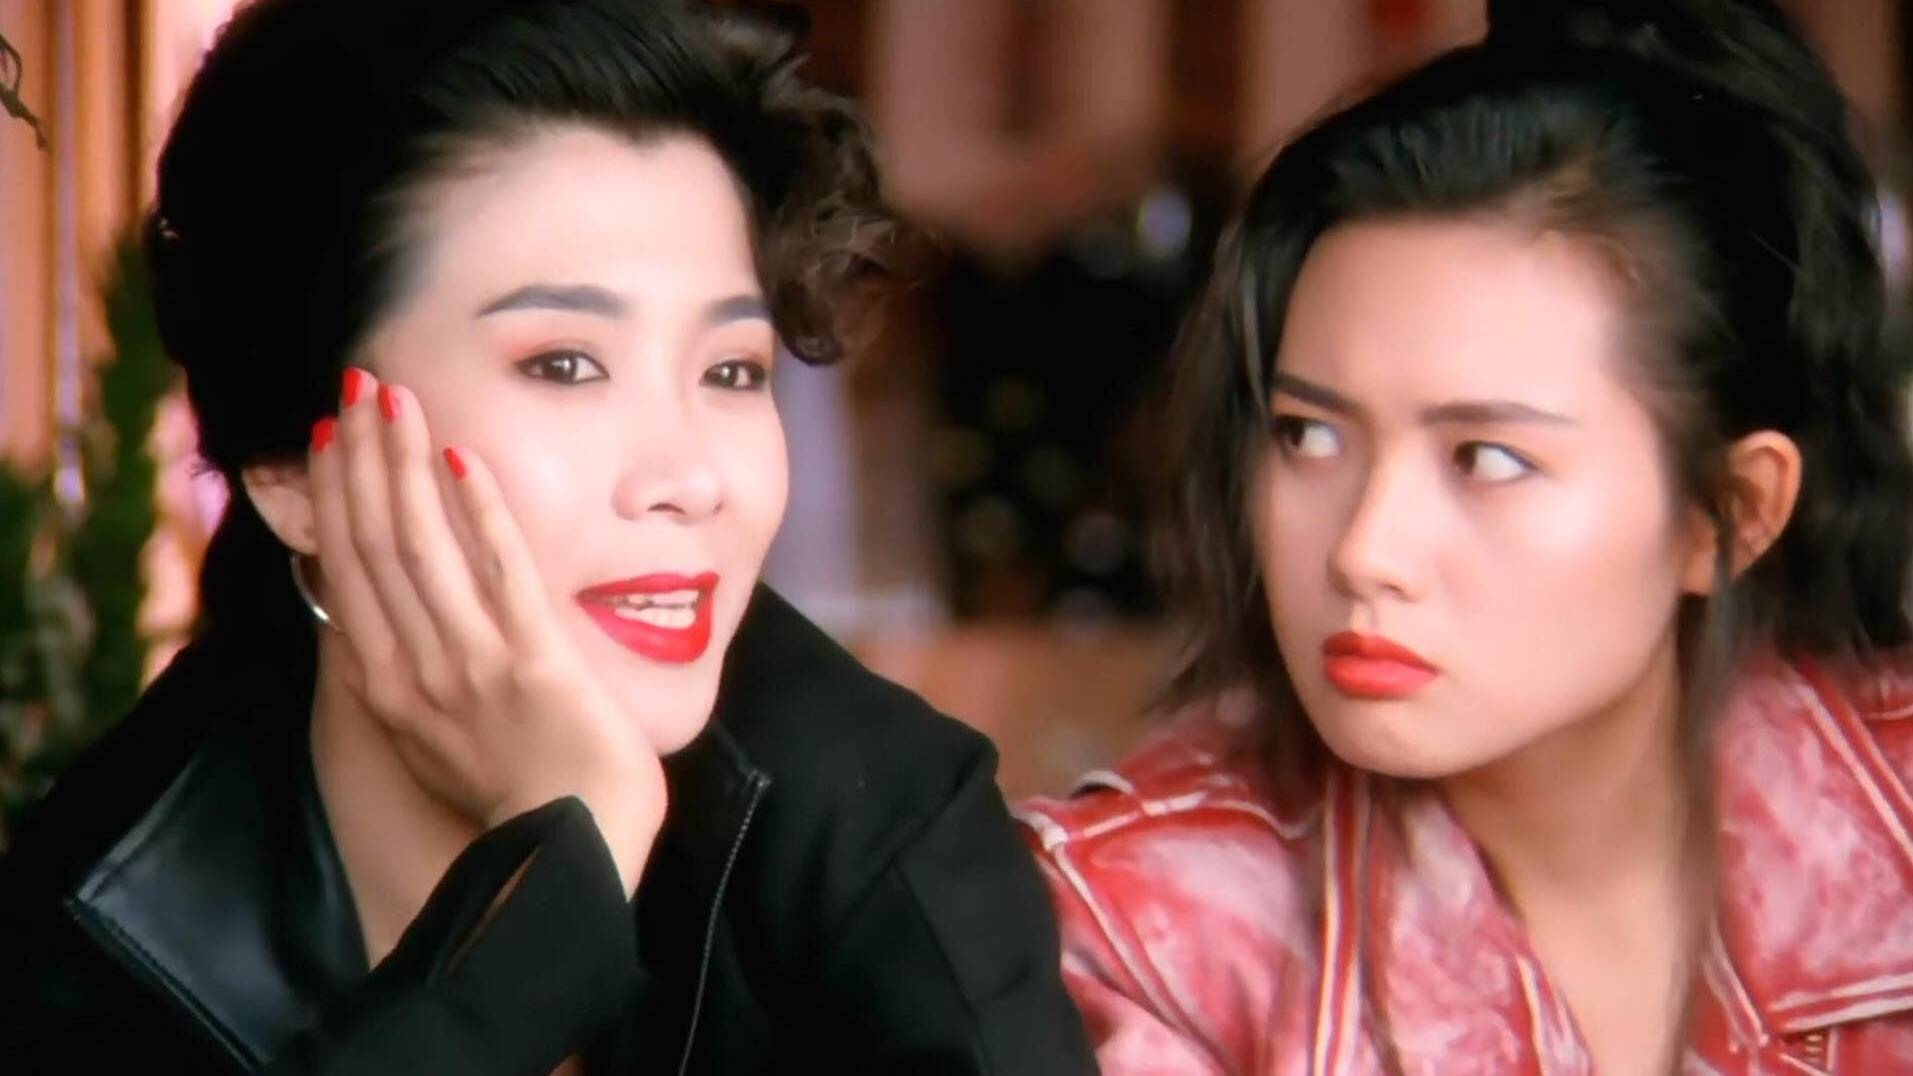 黑帮大佬亲自主演香港黑帮片,江湖大哥隐退史。还有李丽珍吴家丽